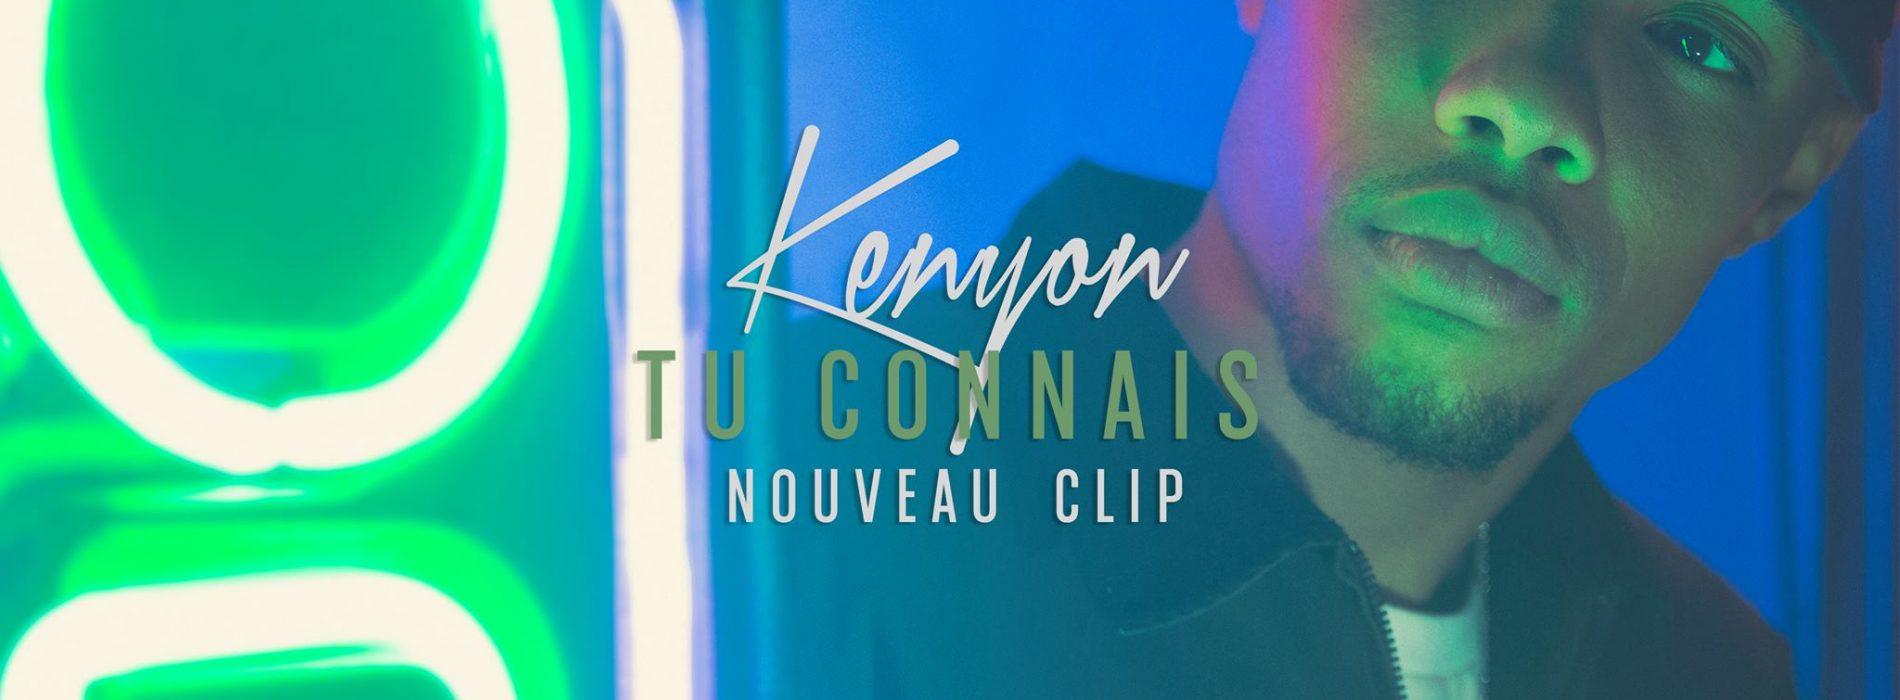 «Tu Connais», le nouveau clip de Kenyon extrait de son prochain album